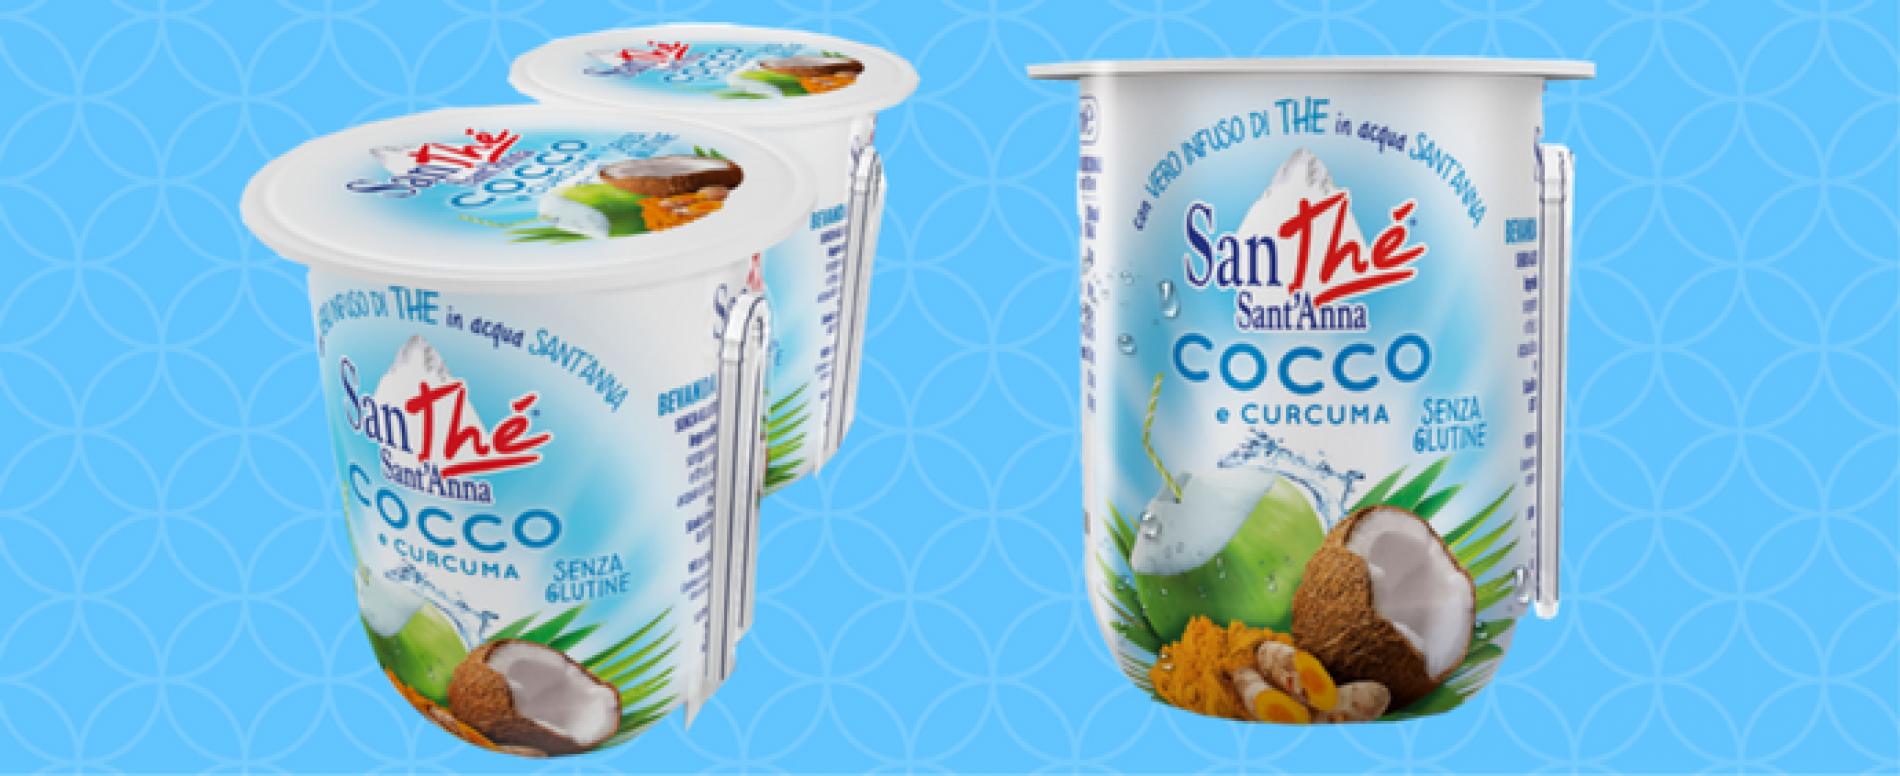 Il nuovo gusto Cocco e Curcuma di SanThé Sant'Anna